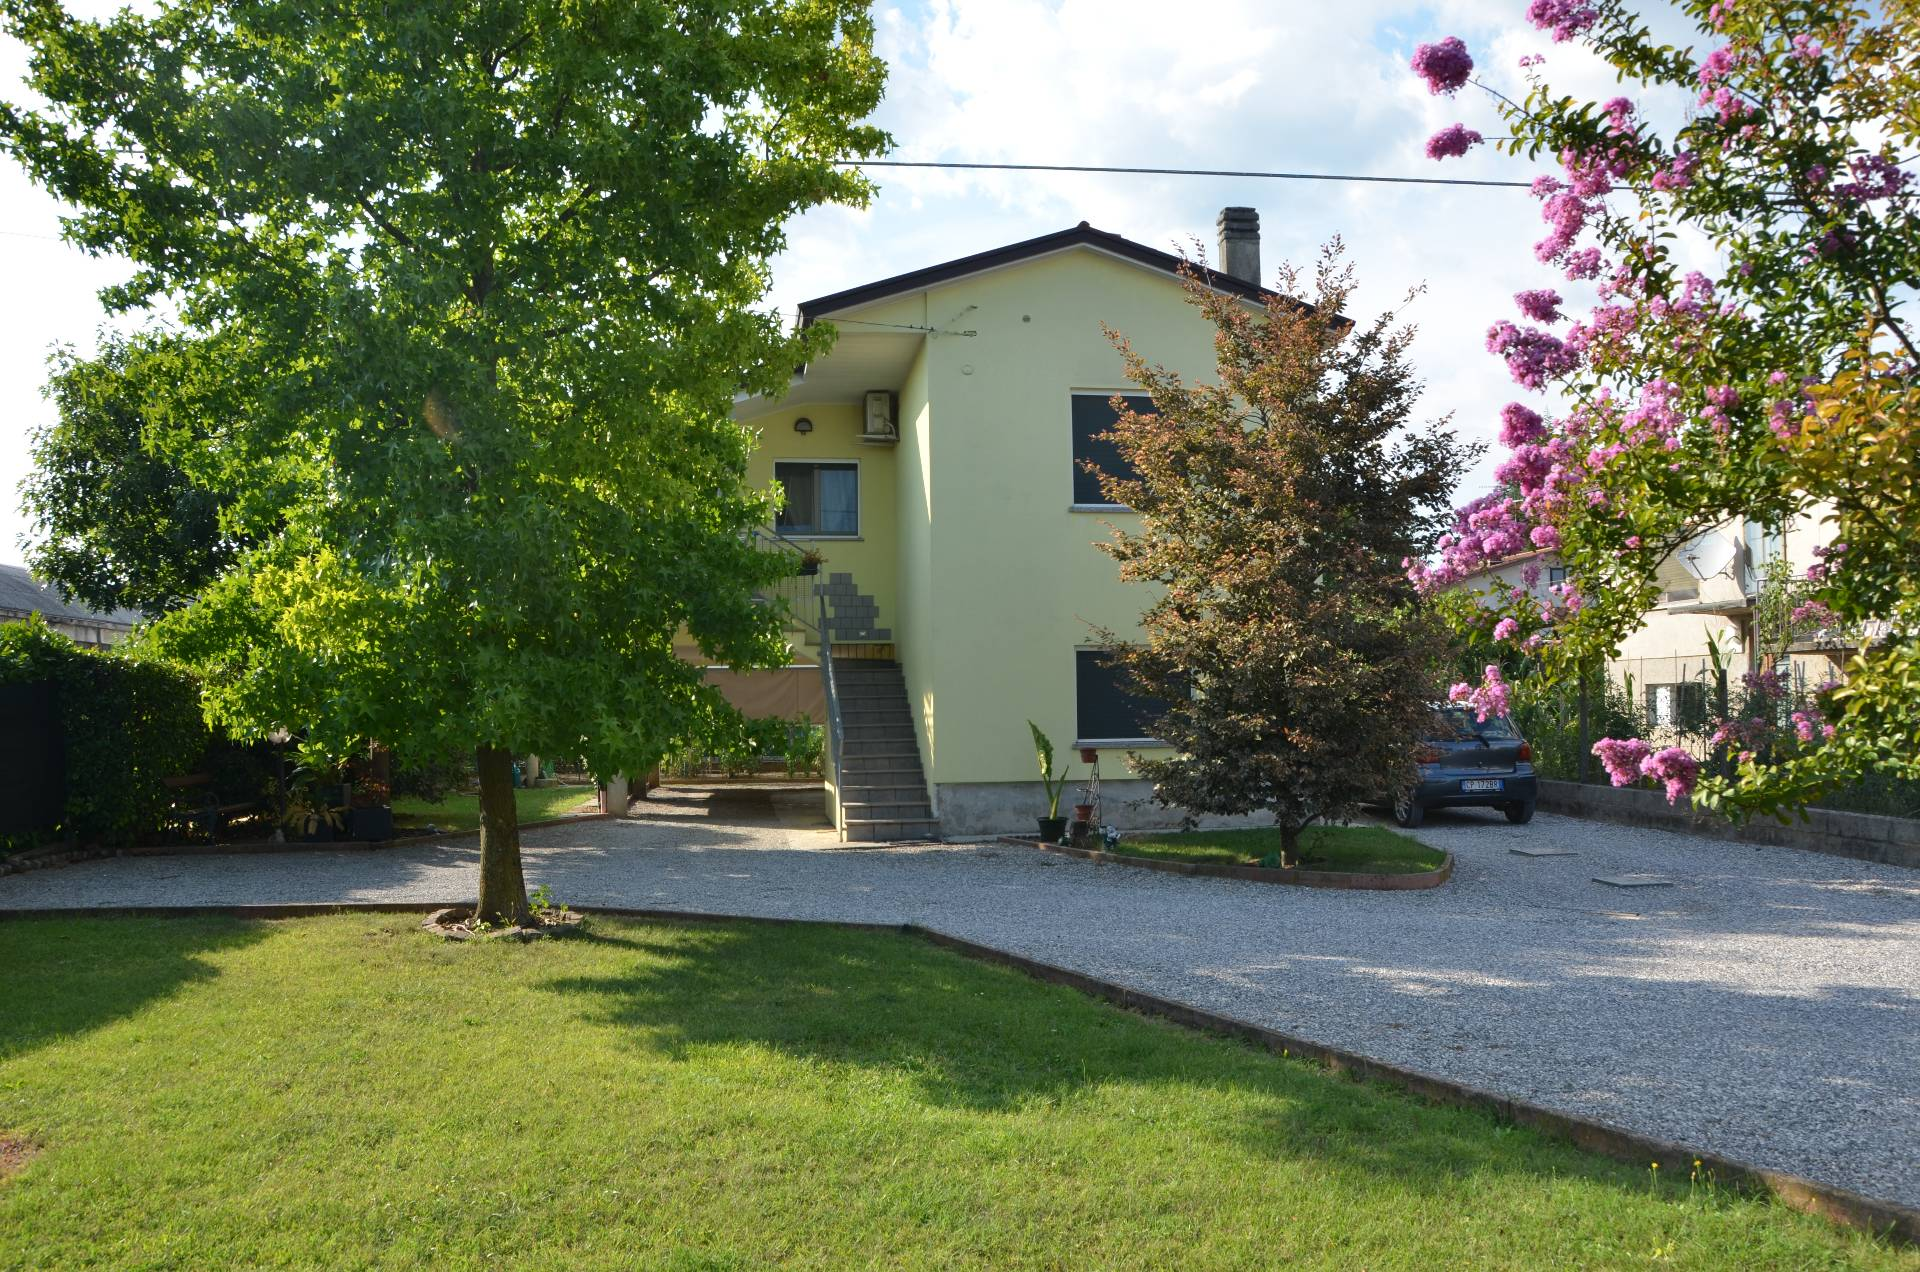 Soluzione Indipendente in vendita a Gorizia, 8 locali, zona Zona: Periferia, prezzo € 215.000 | Cambio Casa.it